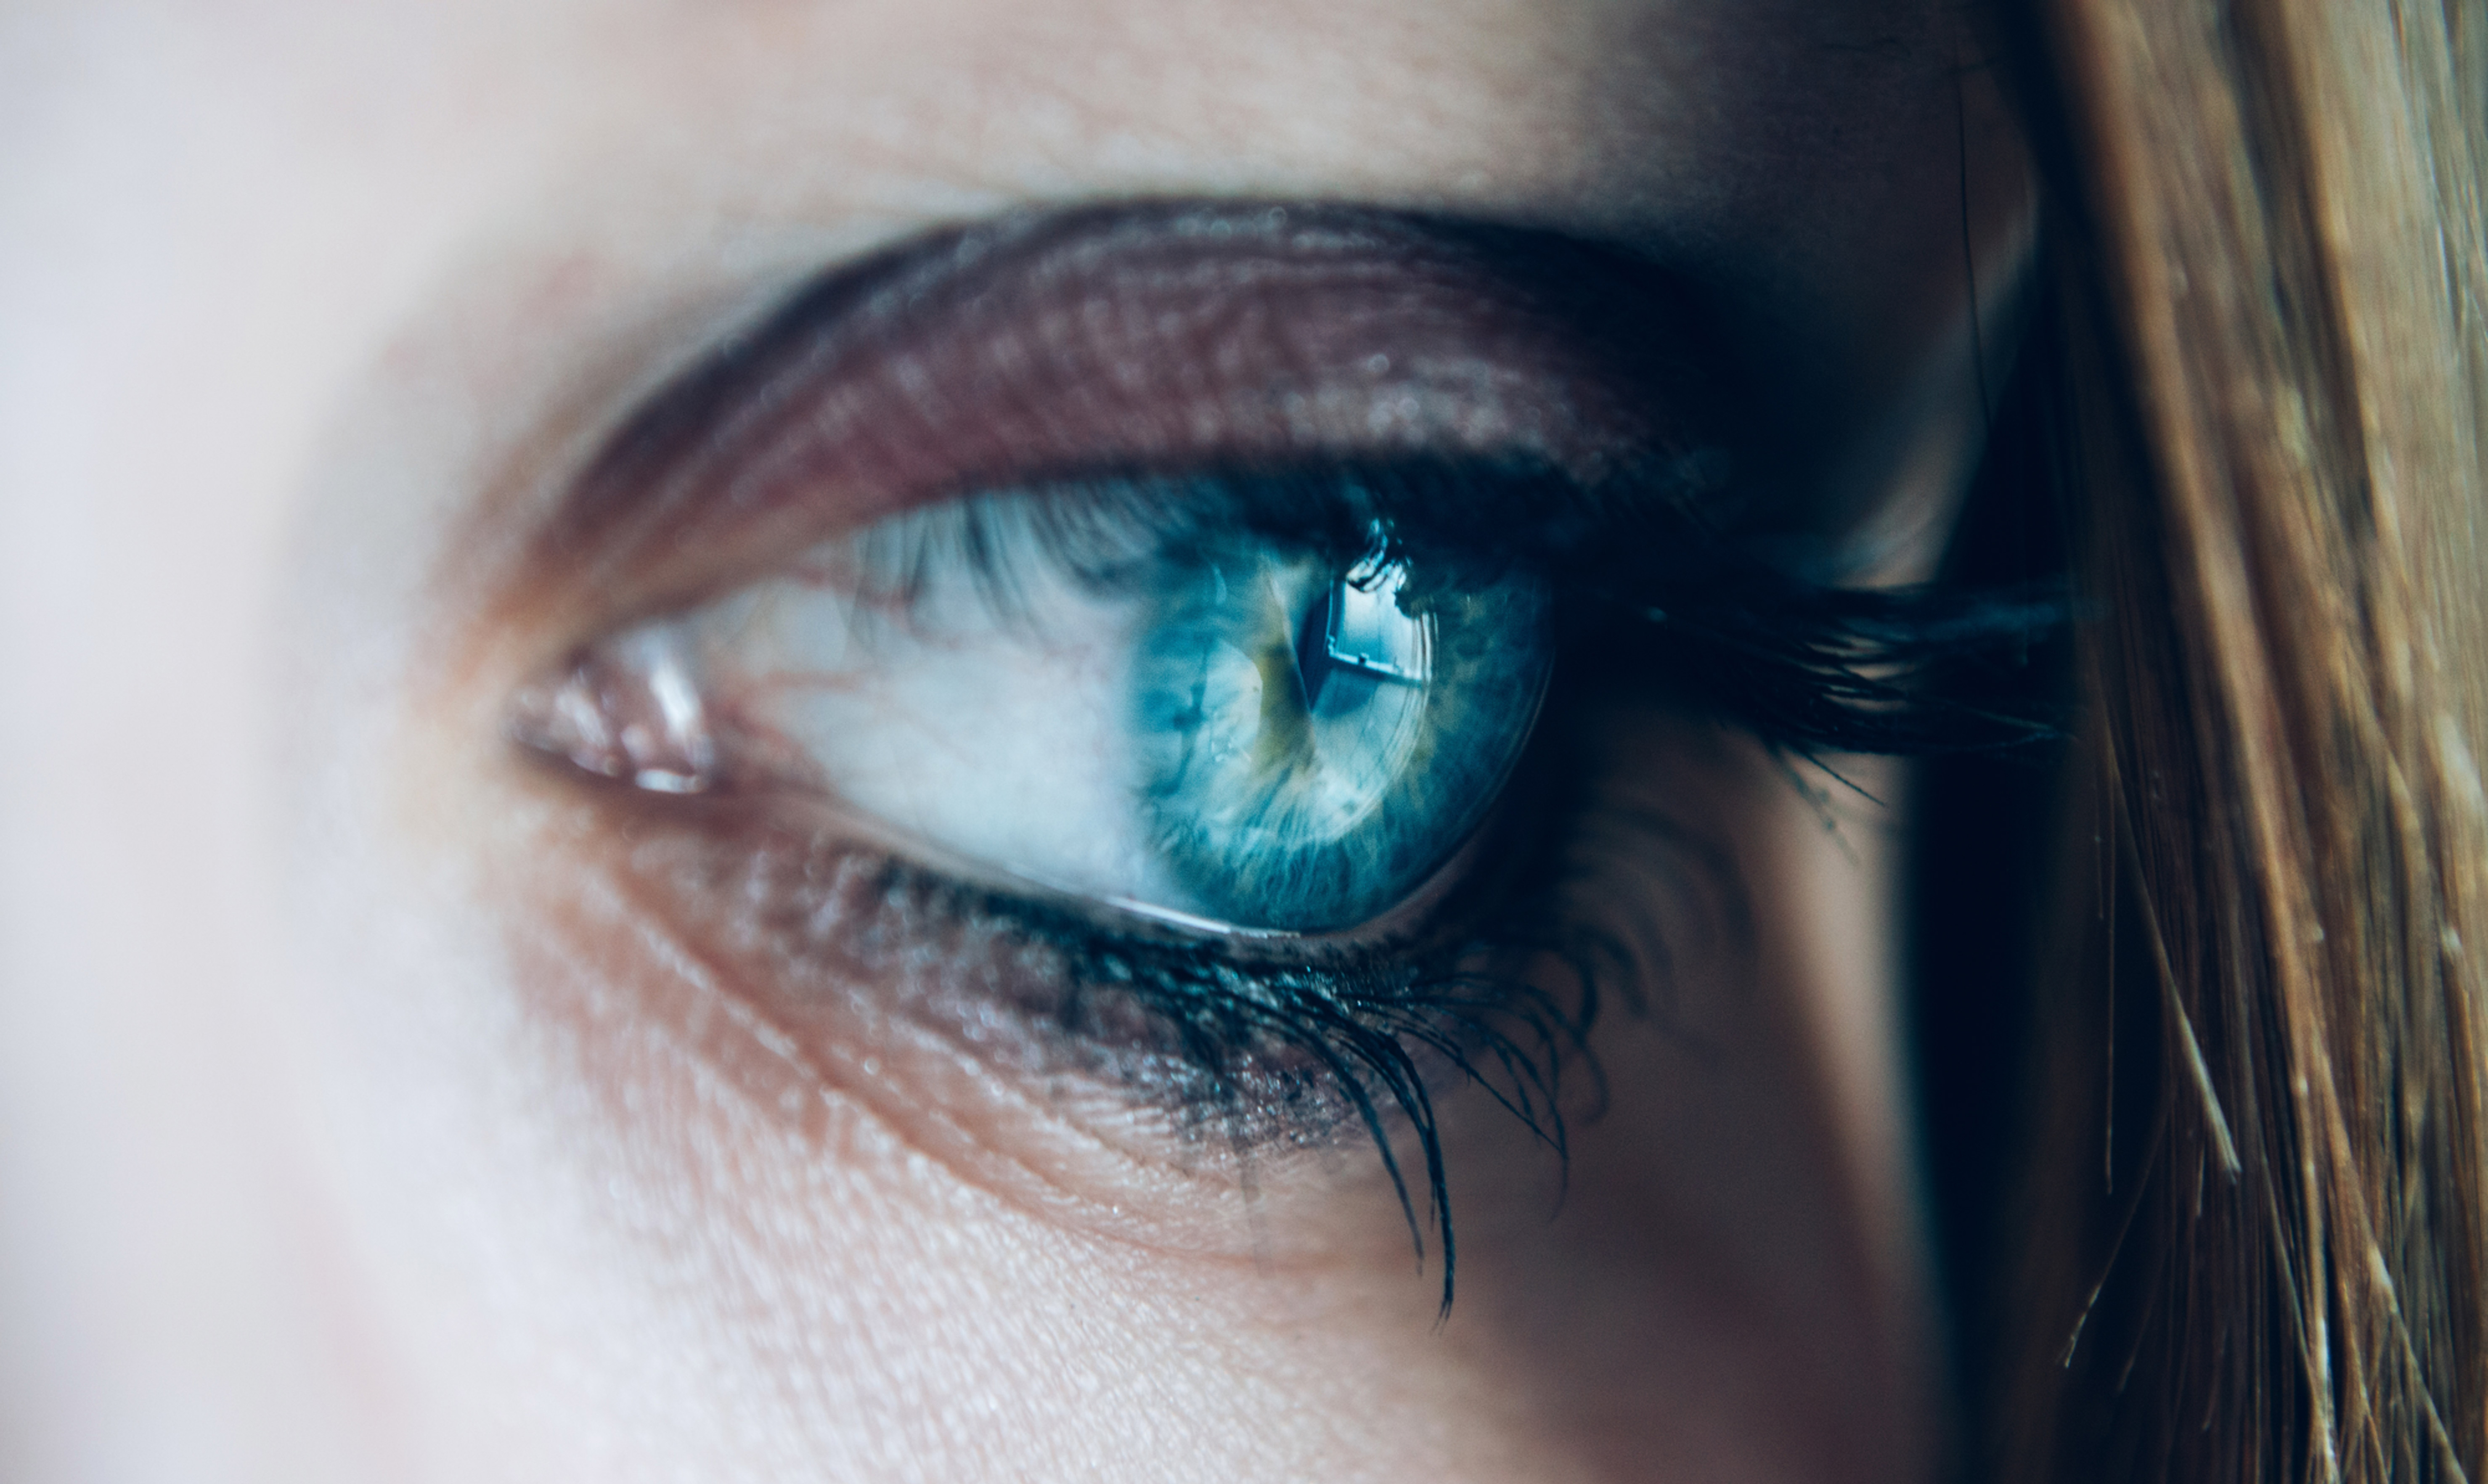 Eye Exam & Contact Lenses